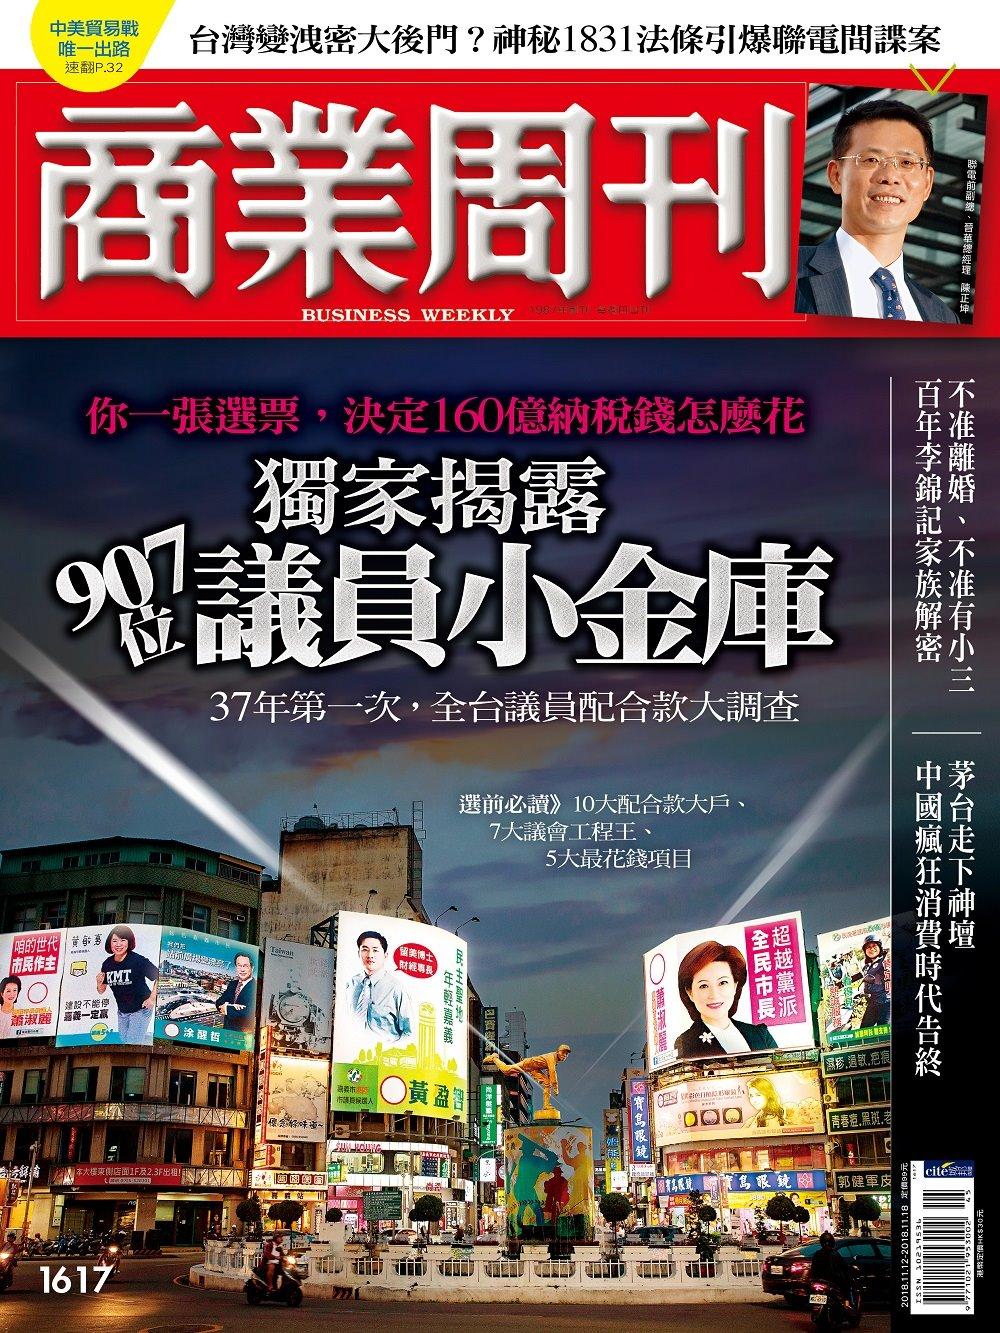 商業周刊 2018/11/8第1617期